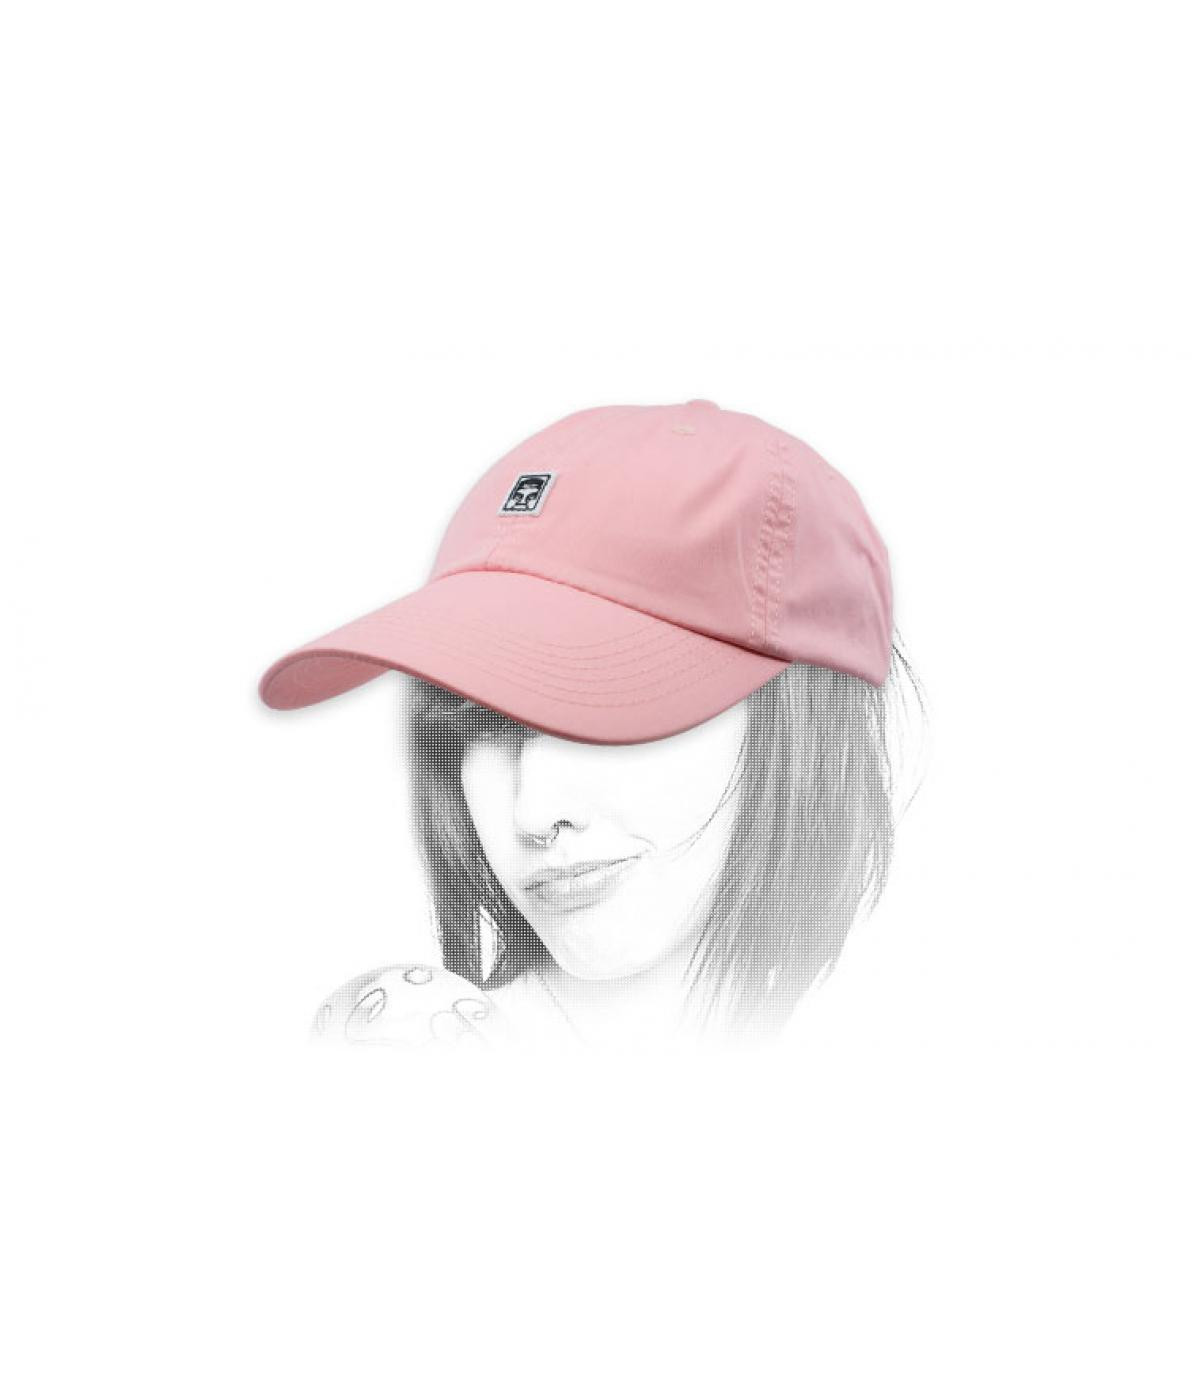 Obey il berretto rosa gigante